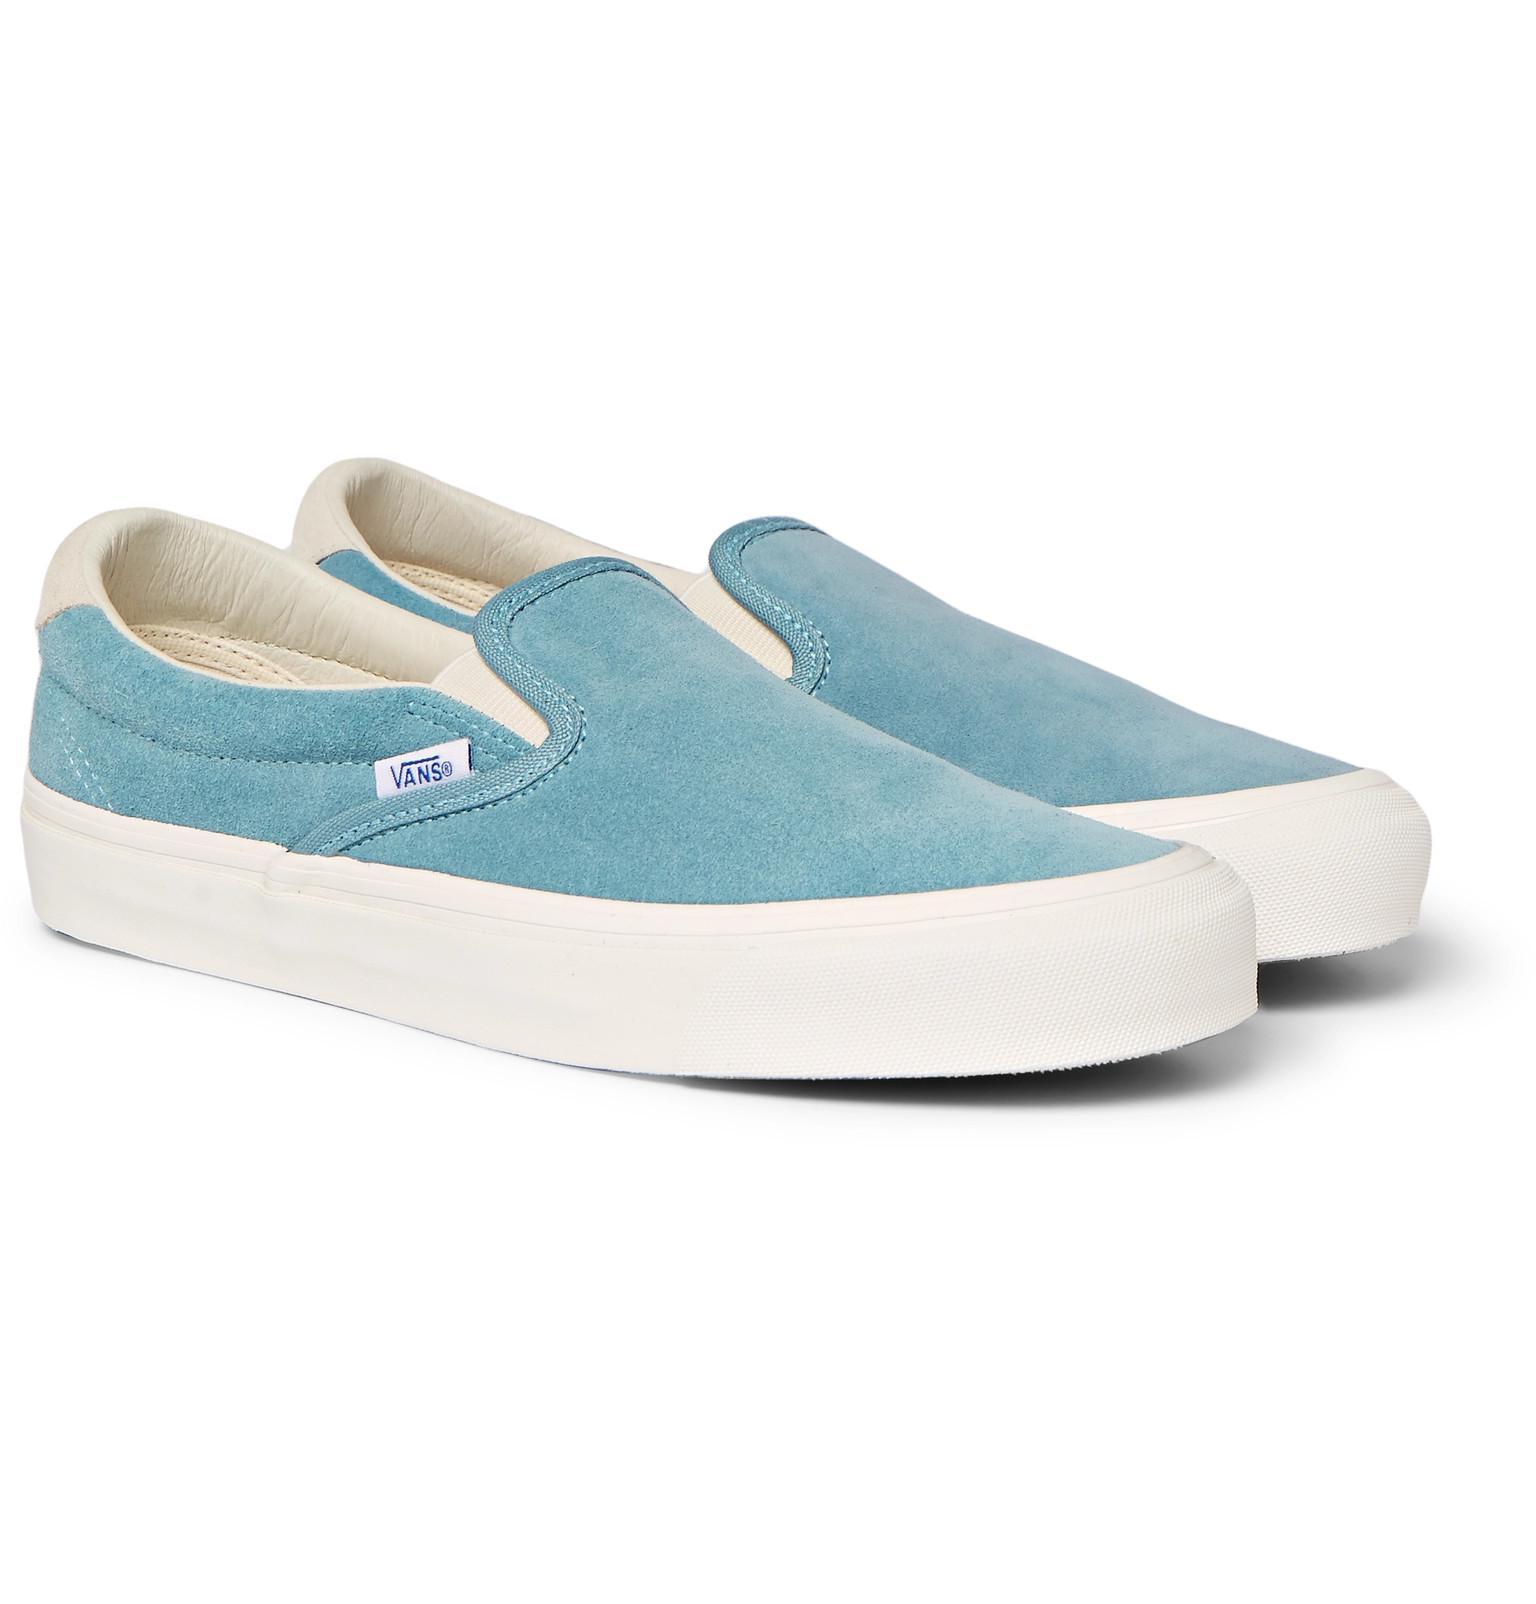 Vans Og Classic Lx Suede Slip-on